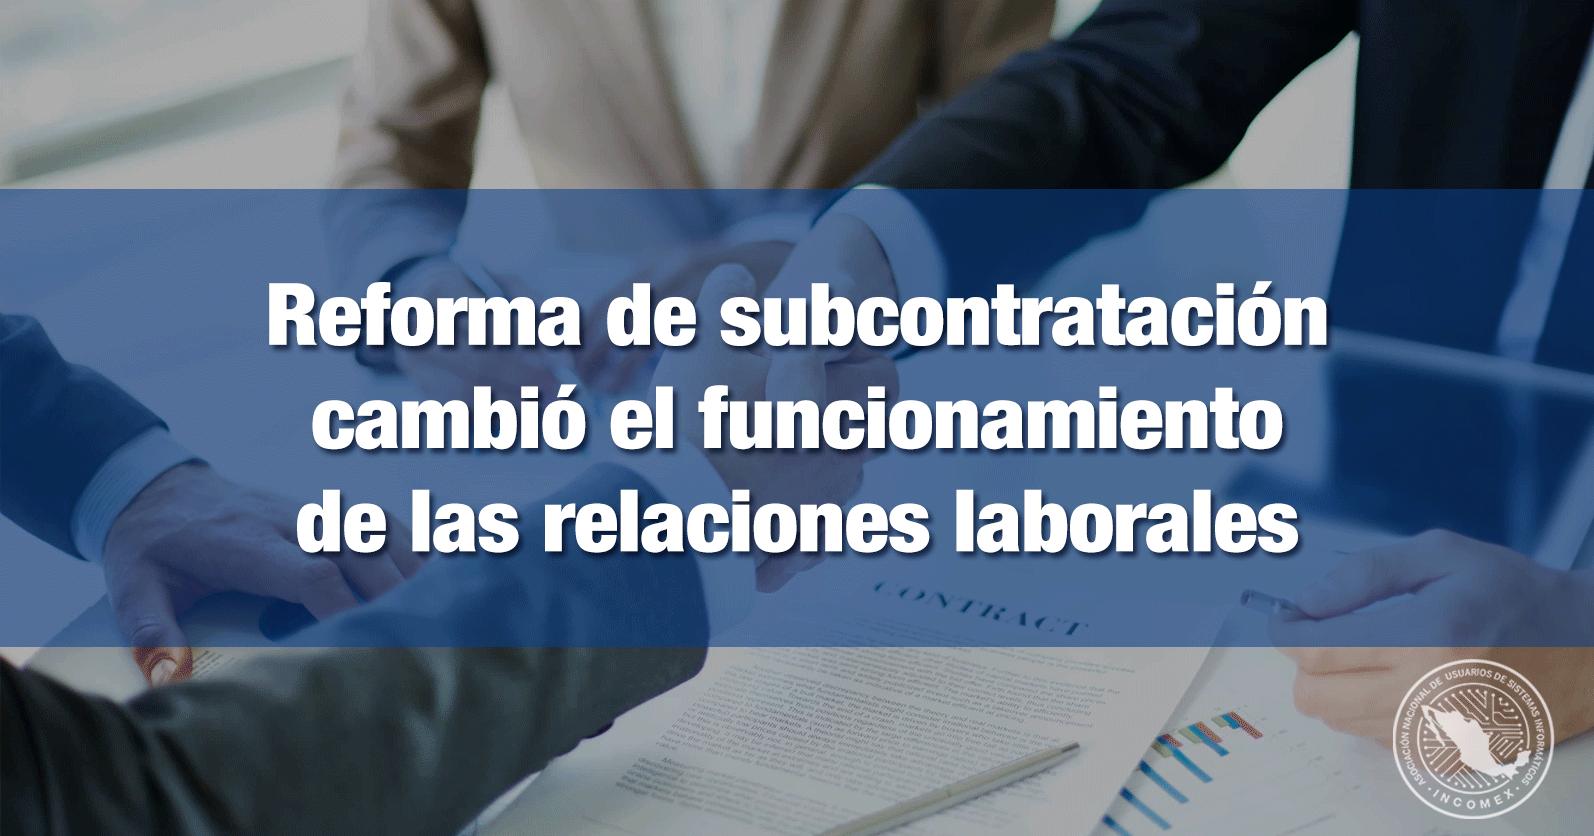 Reforma de subcontratación cambió el funcionamiento de las relaciones laborales